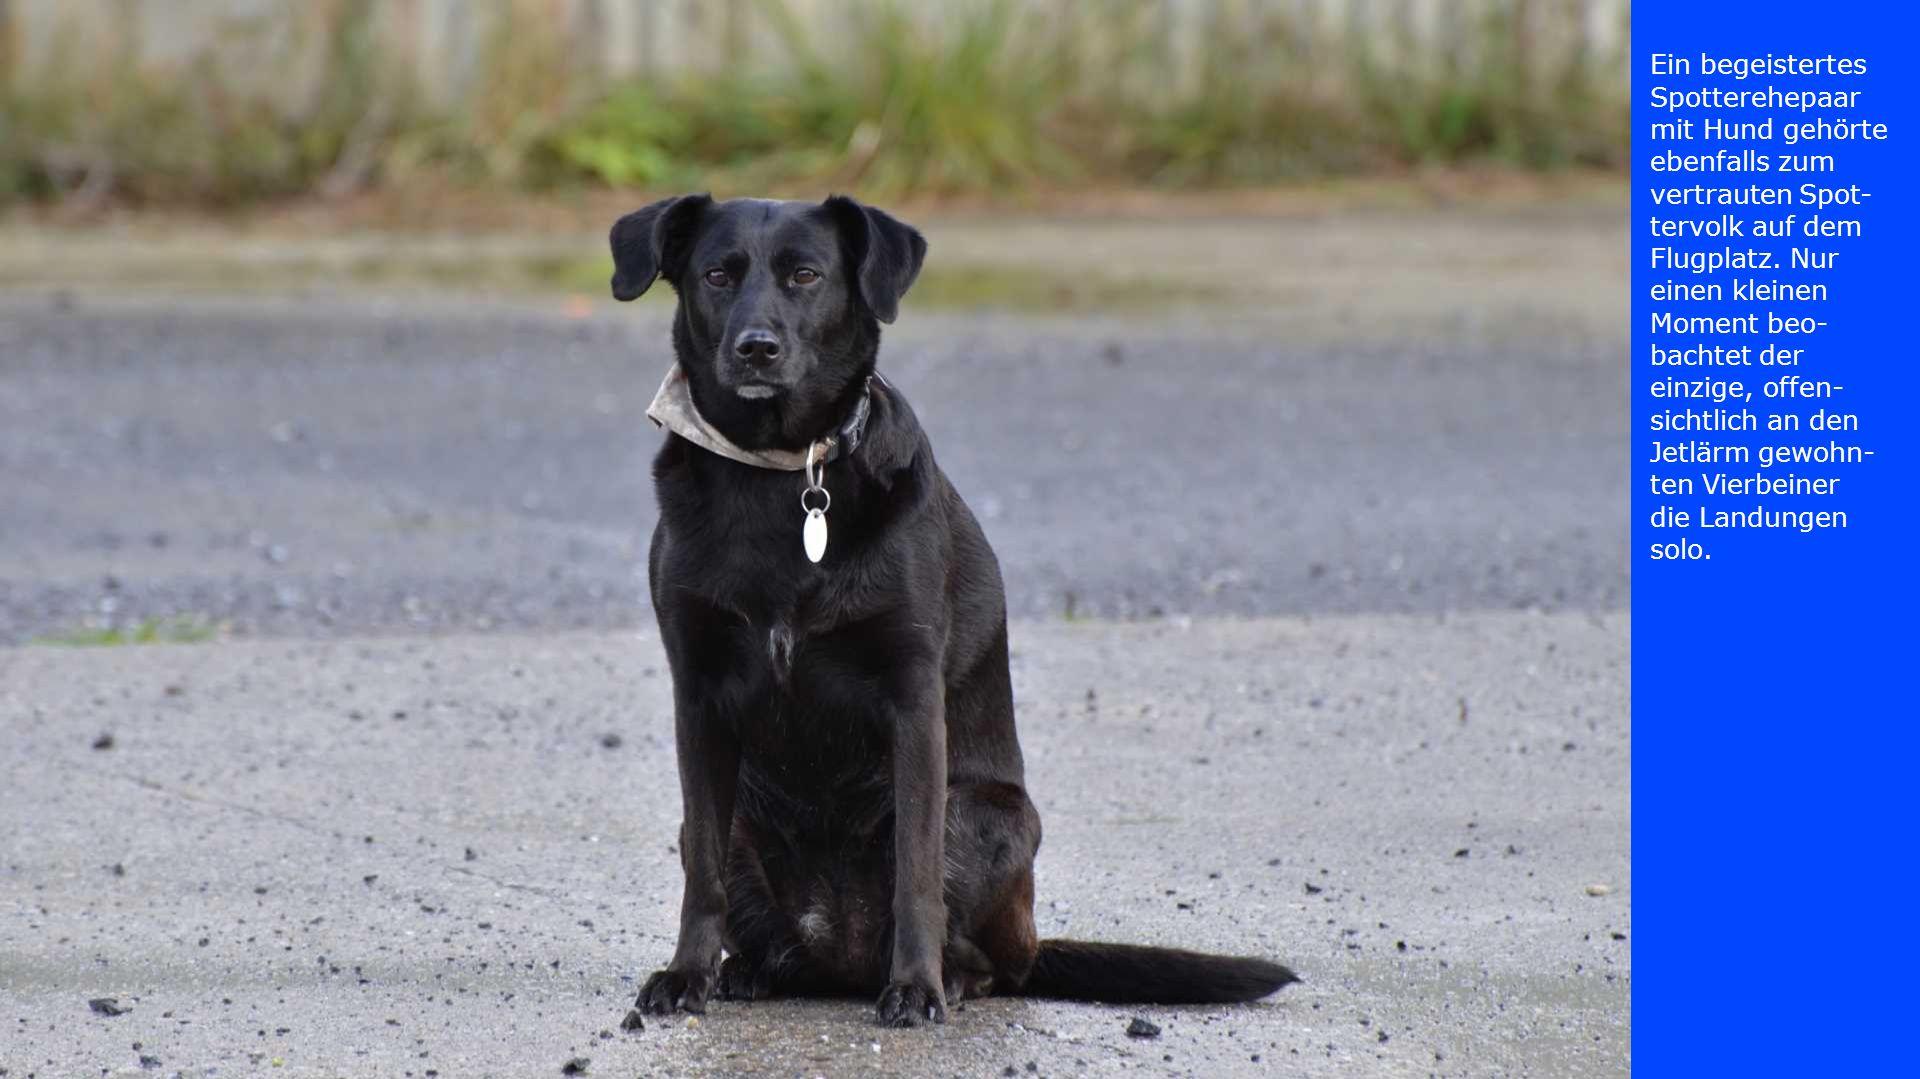 Ein begeistertes Spotterehepaar mit Hund gehörte ebenfalls zum vertrauten Spot-tervolk auf dem Flugplatz.